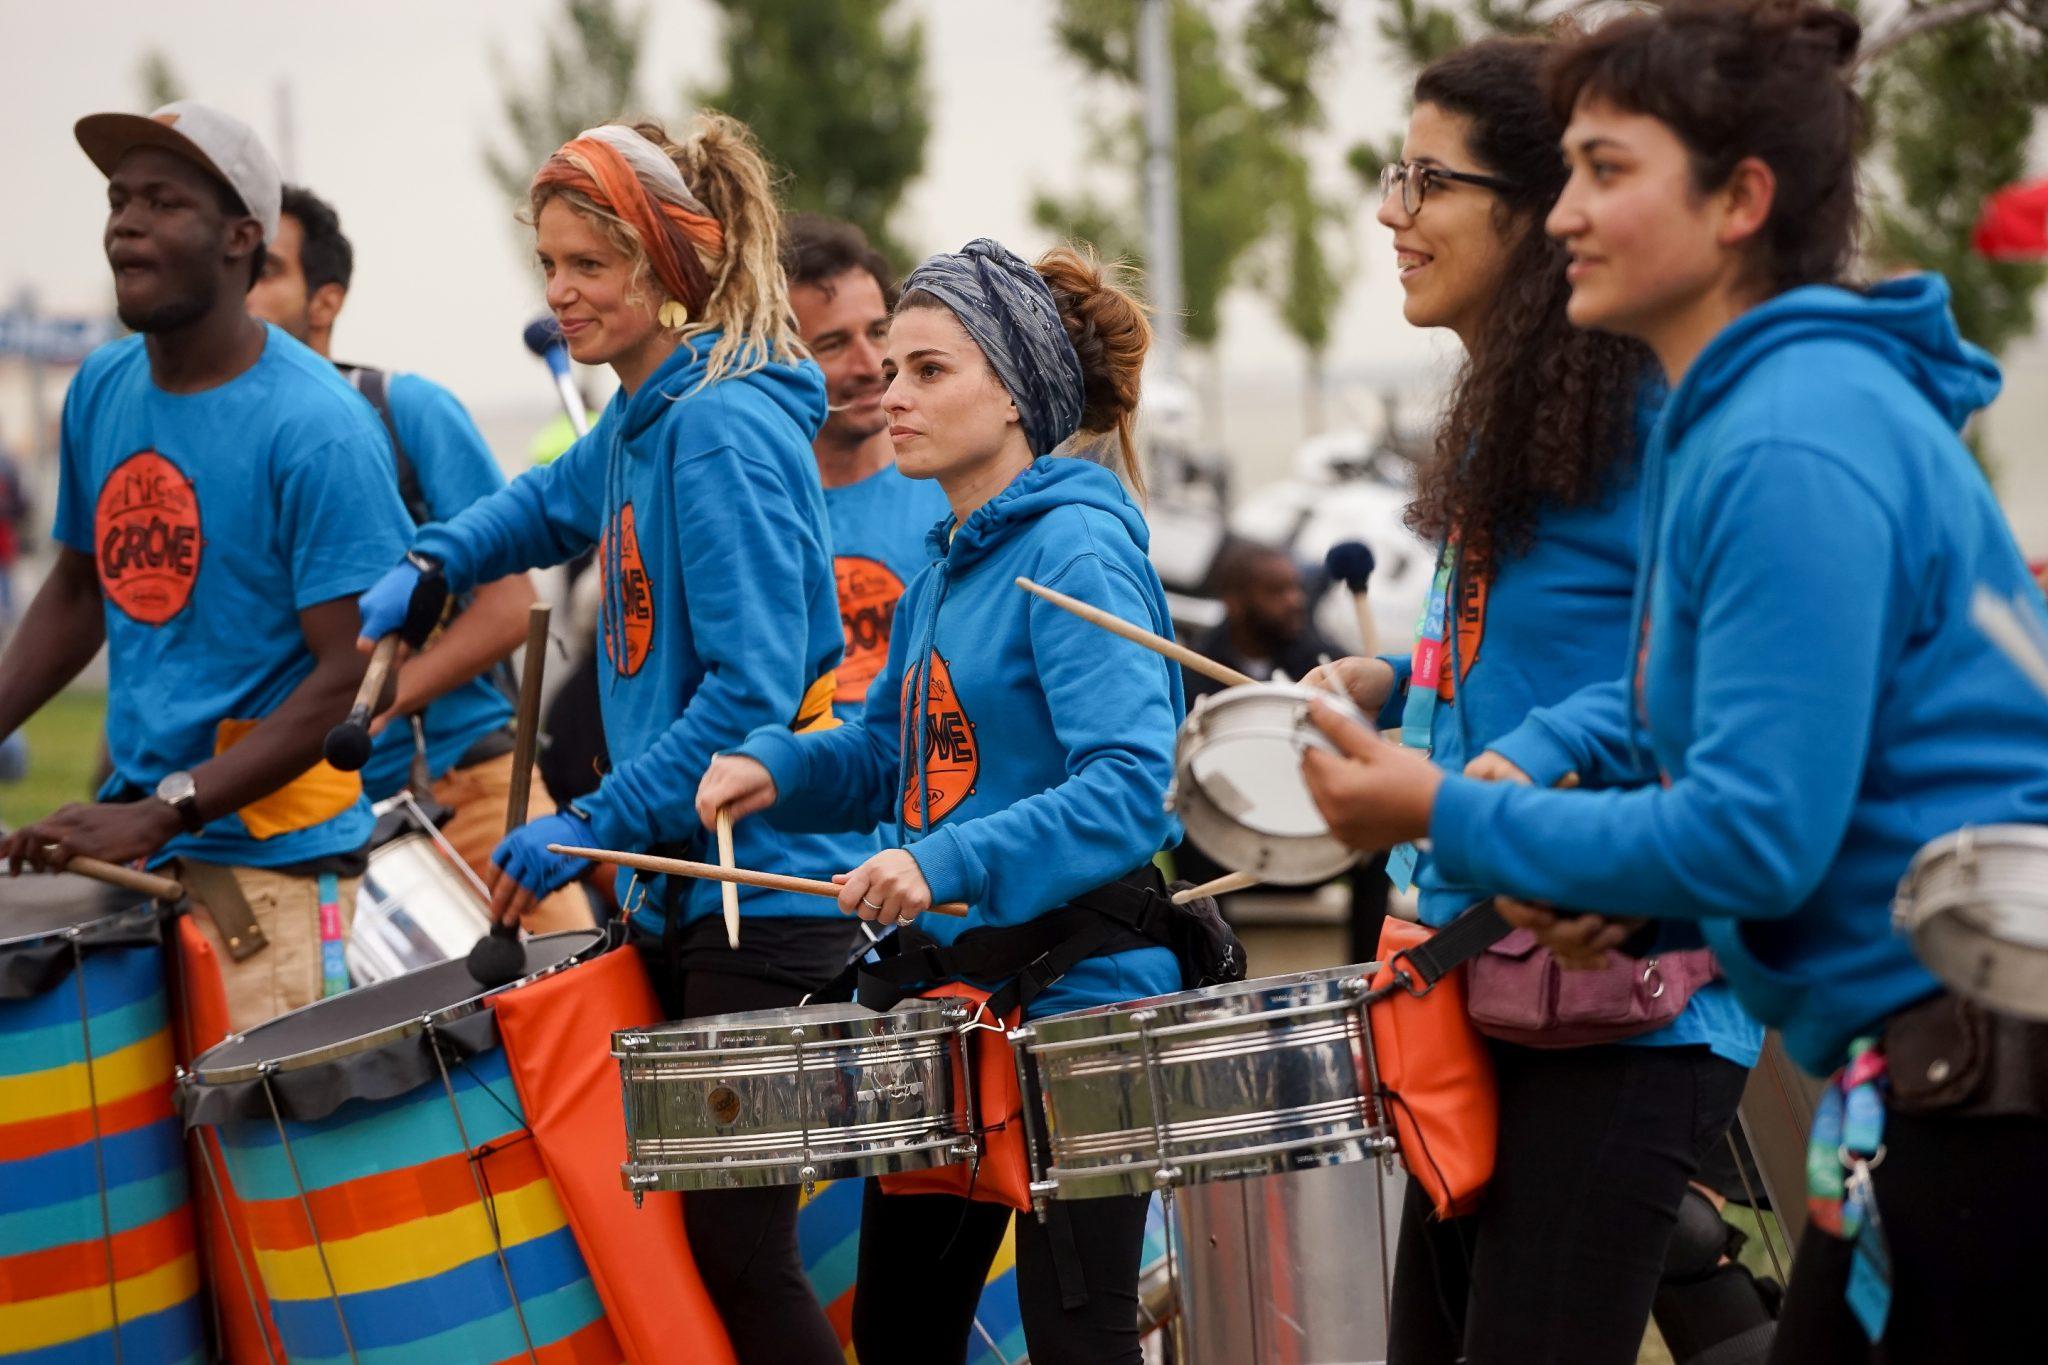 Grupo de mulheres e homens vestidos de camisolas azuis a tocar instrumentos de percussão de lado para o observador.